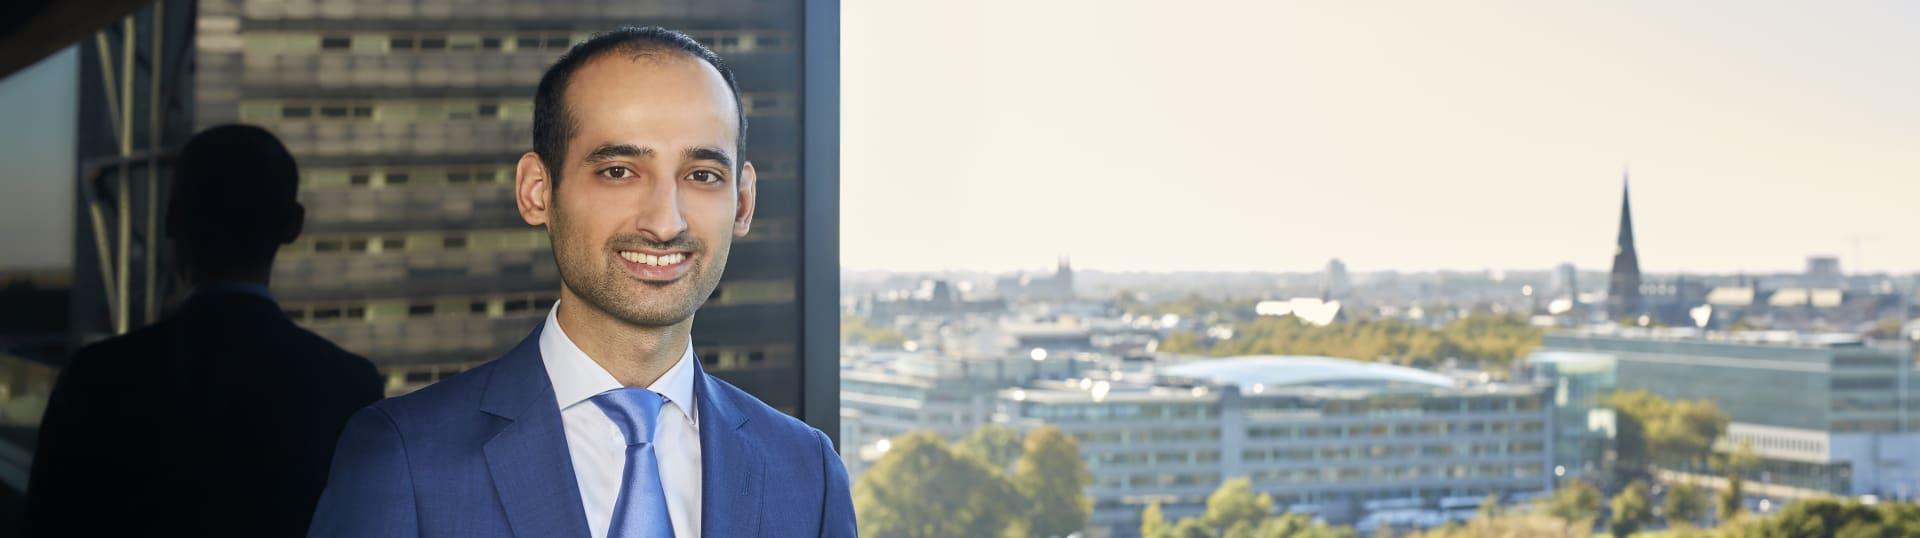 Ameer Muhammad, advocaat Pels Rijcken